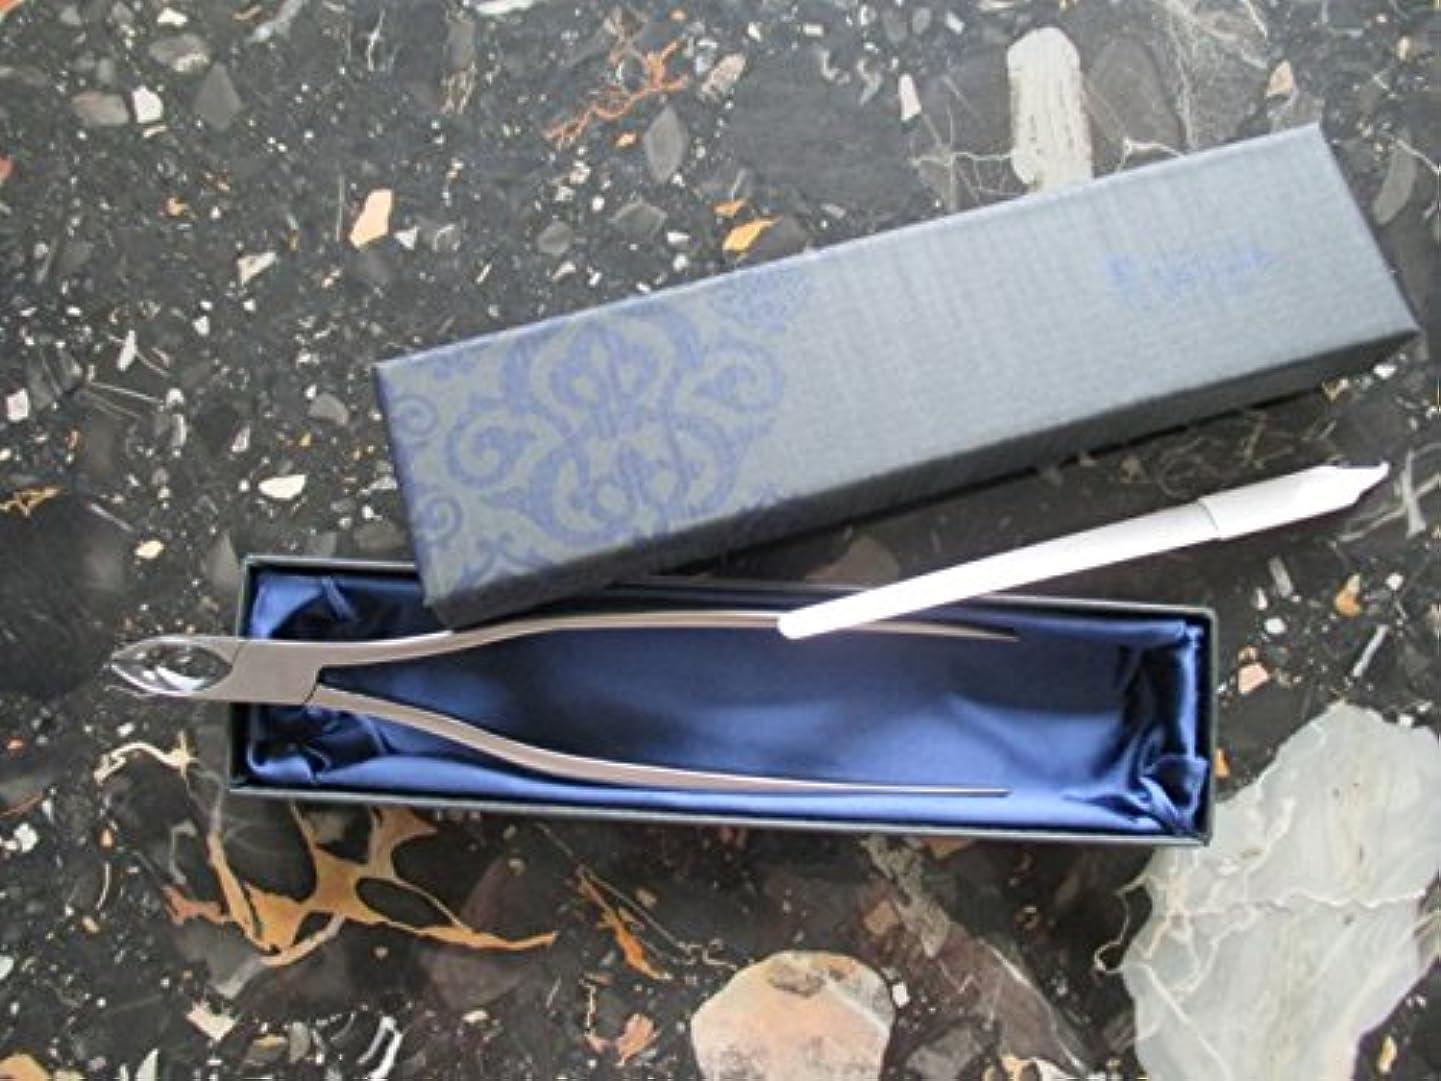 浴室二次ビルダーアンクル ロングニッパー爪切り 爪ヤスリ付き 届かない足の爪?巻き爪も整えられます!化粧箱入りでプレゼントに最適!